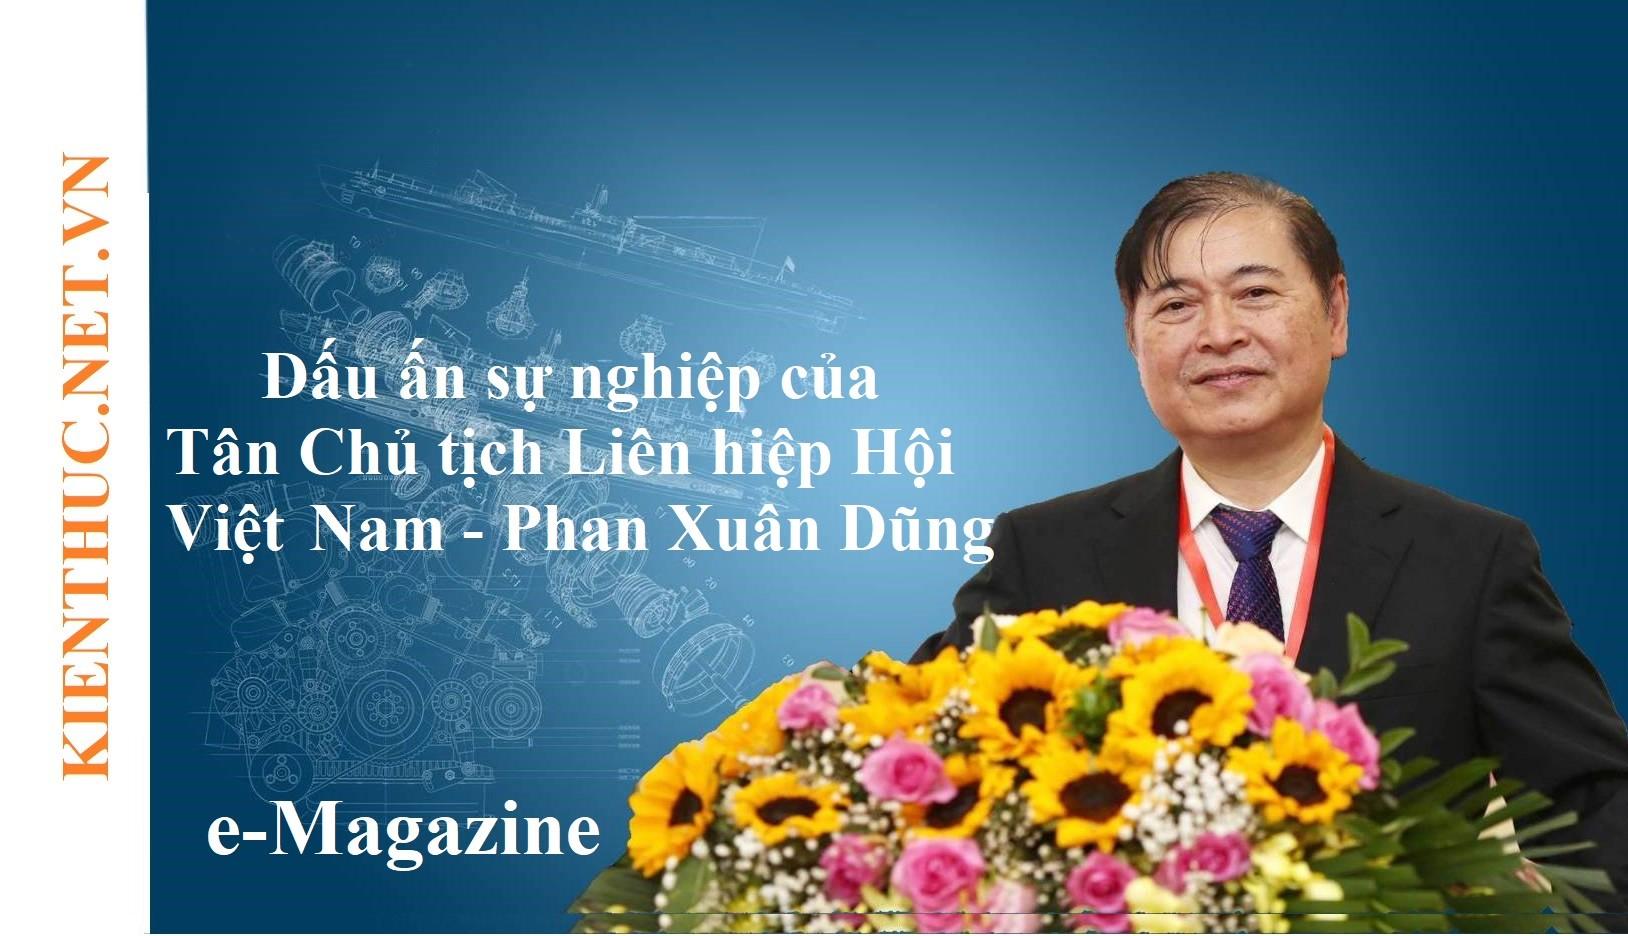 [e-MAGAZINE] Dấu ấn sự nghiệp của Tân Chủ tịch Liên hiệp các Hội KH&KT Việt Nam Phan Xuân Dũng